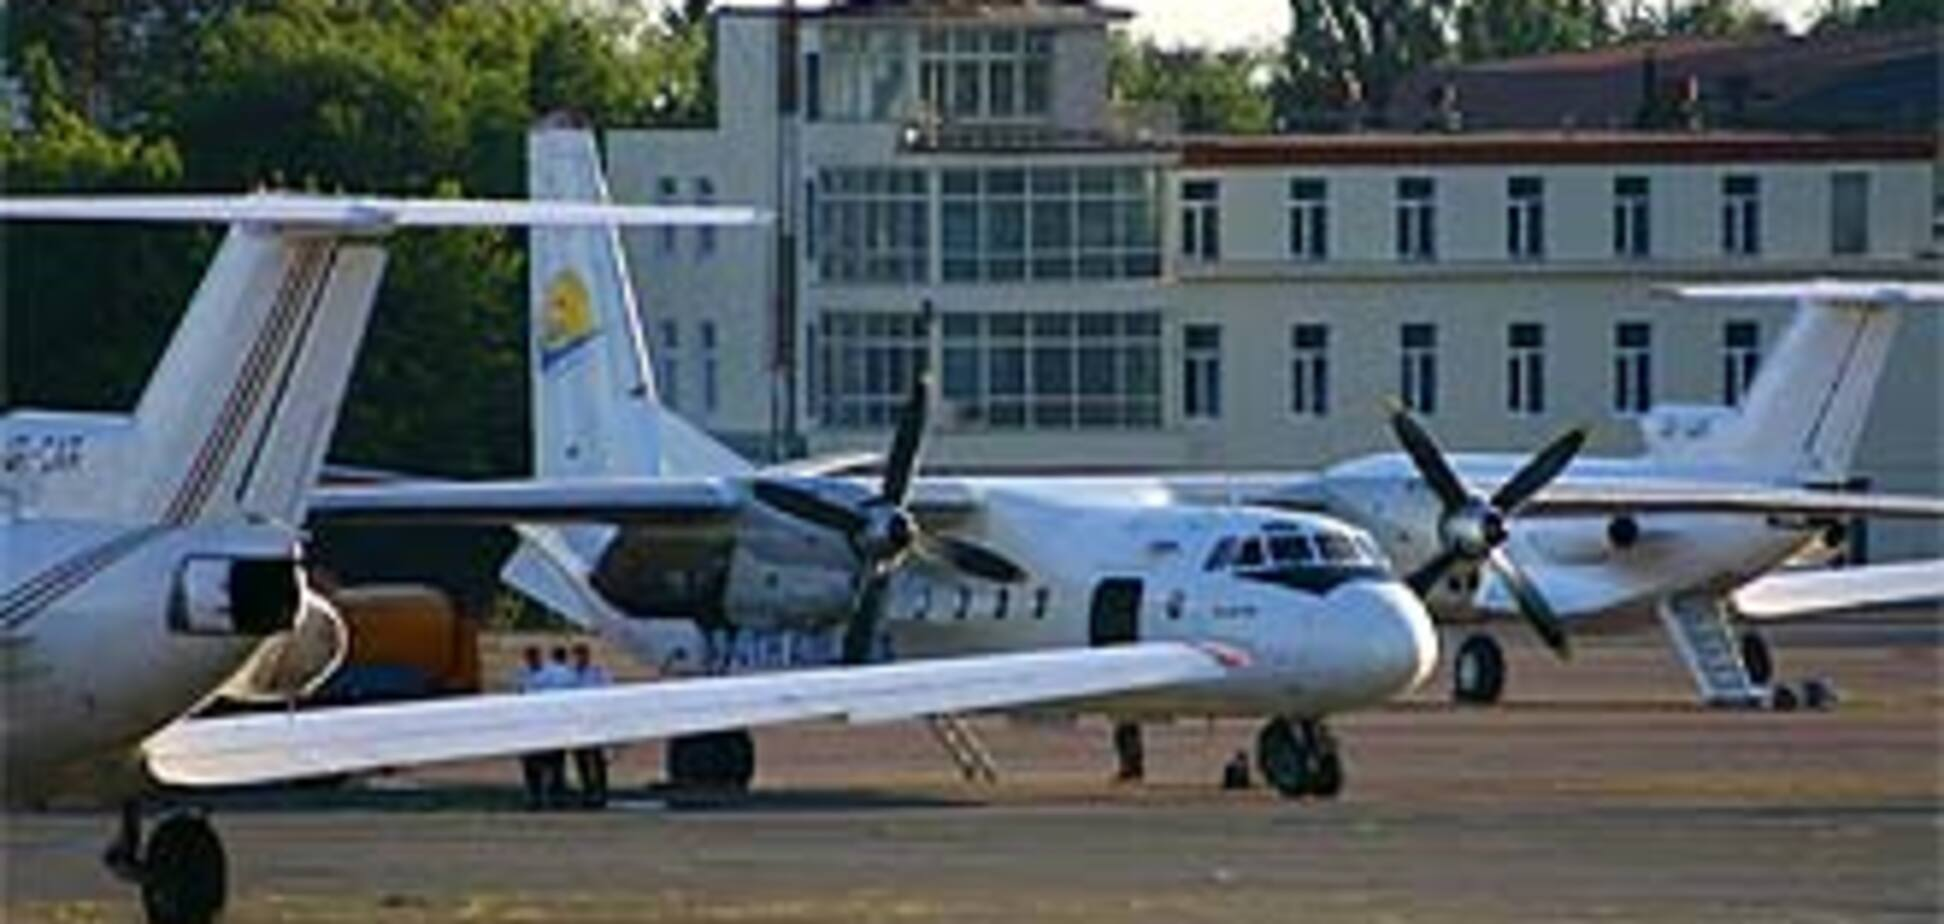 Руководству аэропорта 'Киев' 'шьют' дело